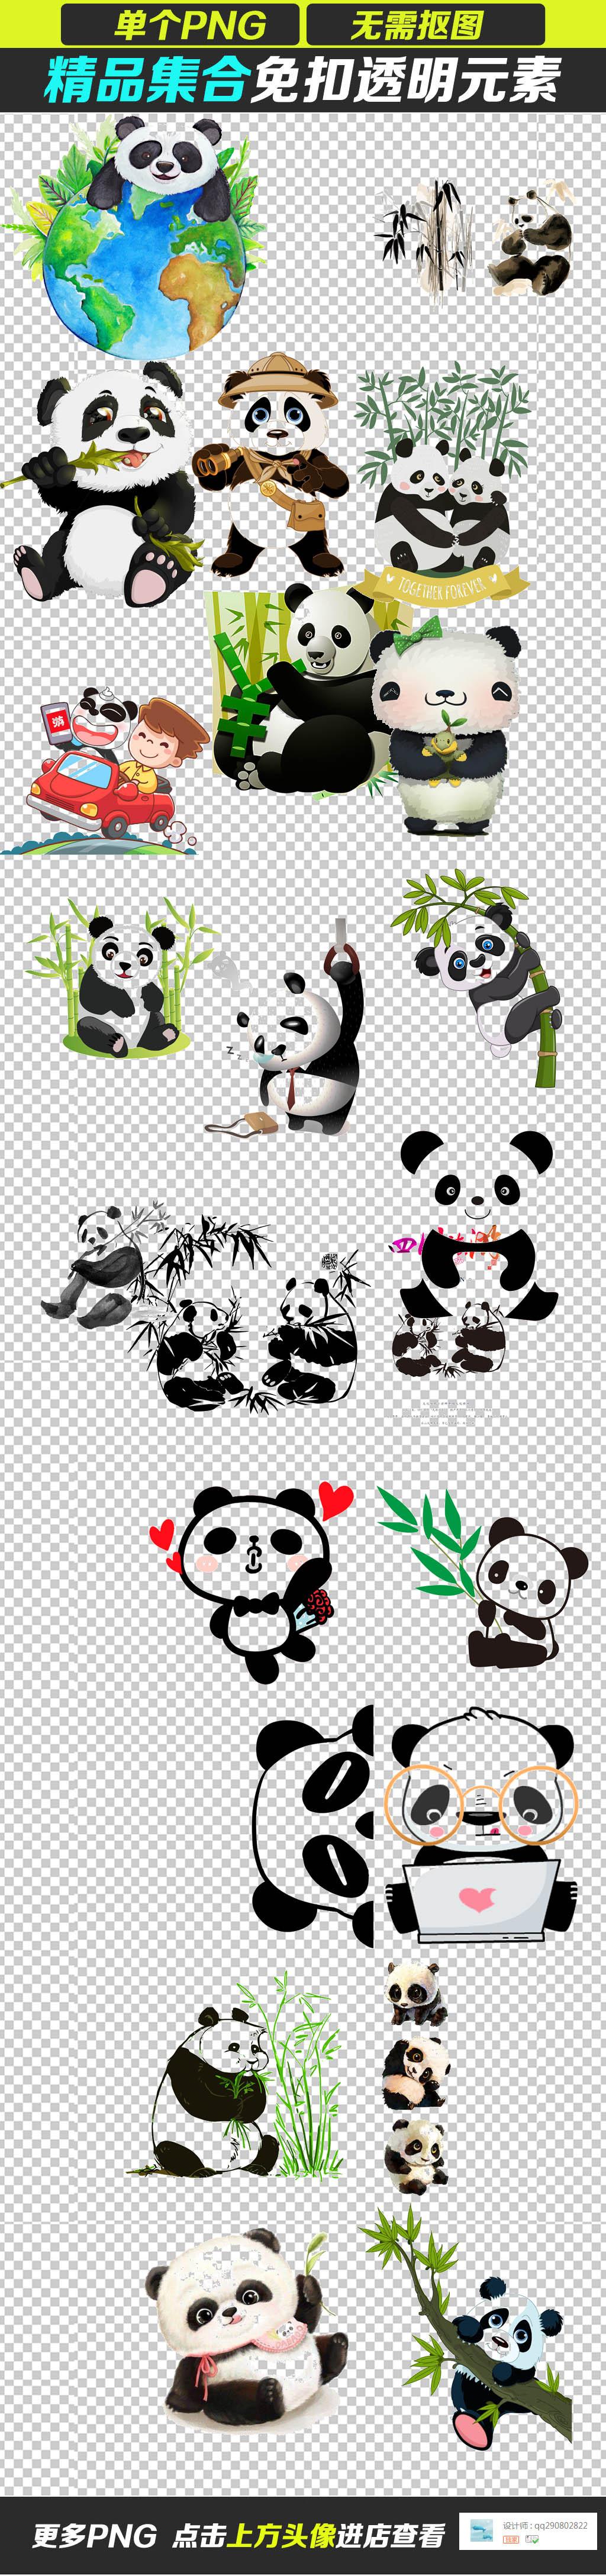 卡通可爱熊猫竹子国宝图片素材